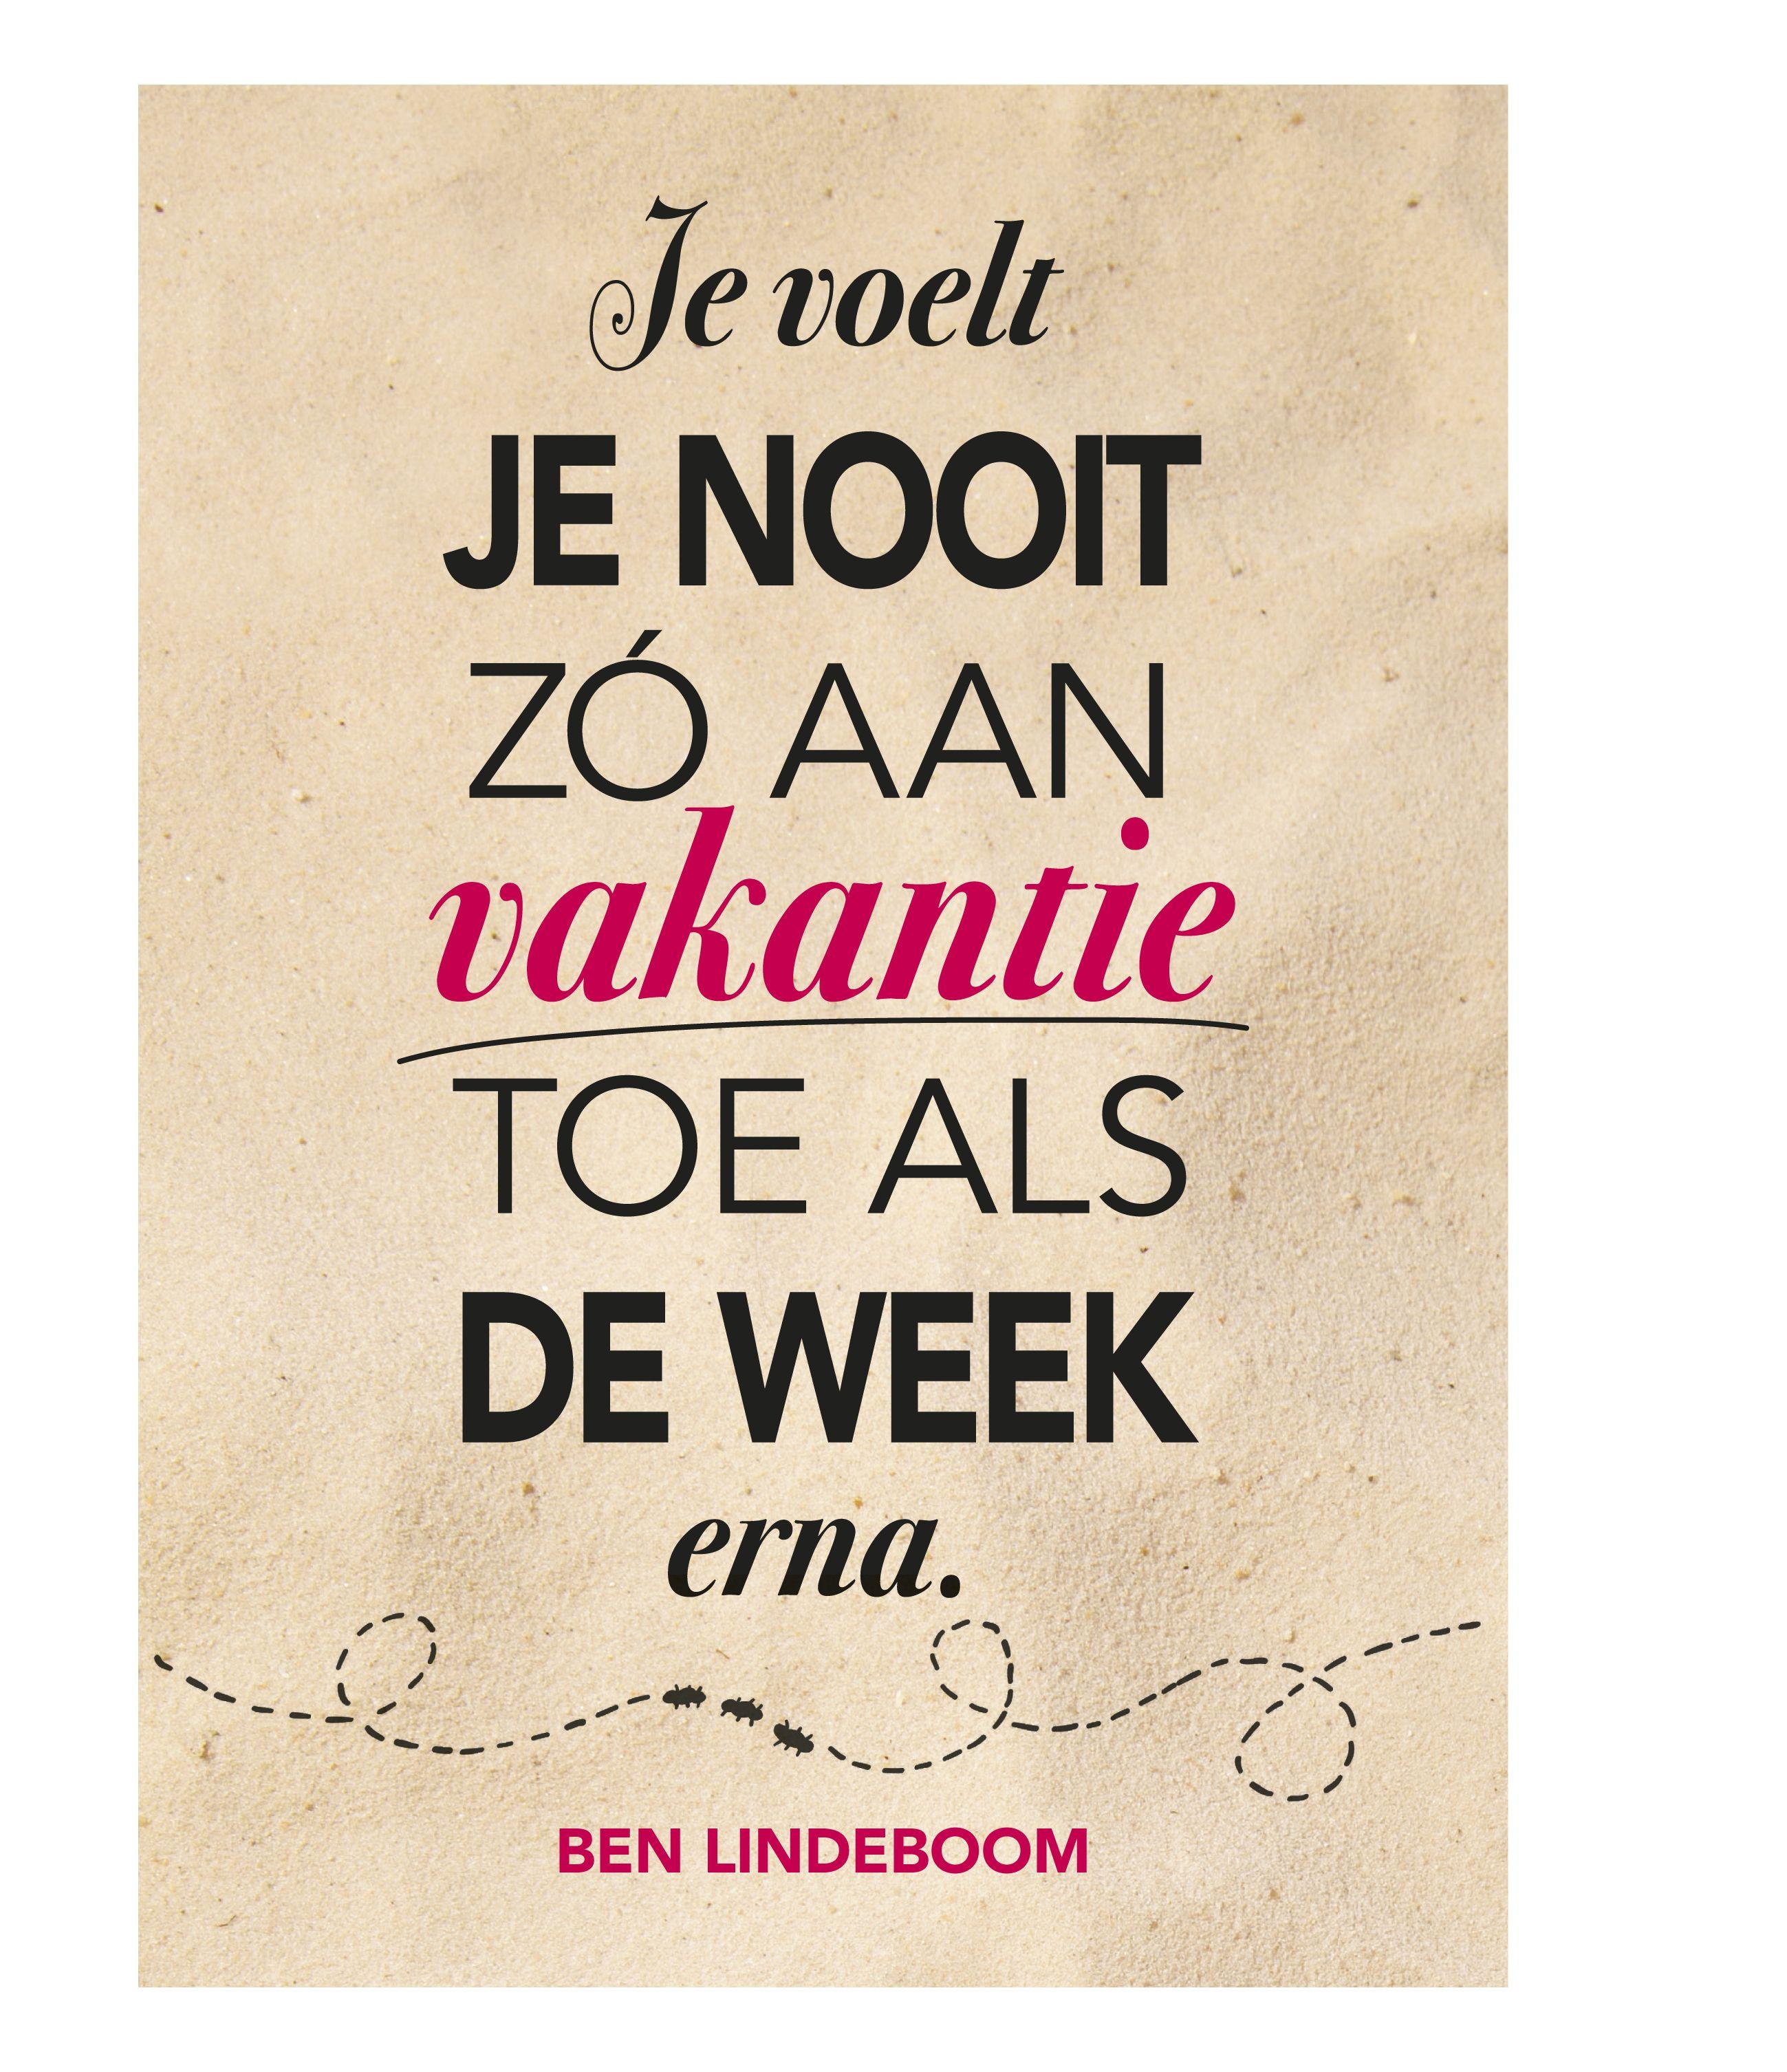 leuke spreuken vakantie Hele bekende! | Mooie spreuken/posters   Spreuken, Citaten en Vakantie leuke spreuken vakantie